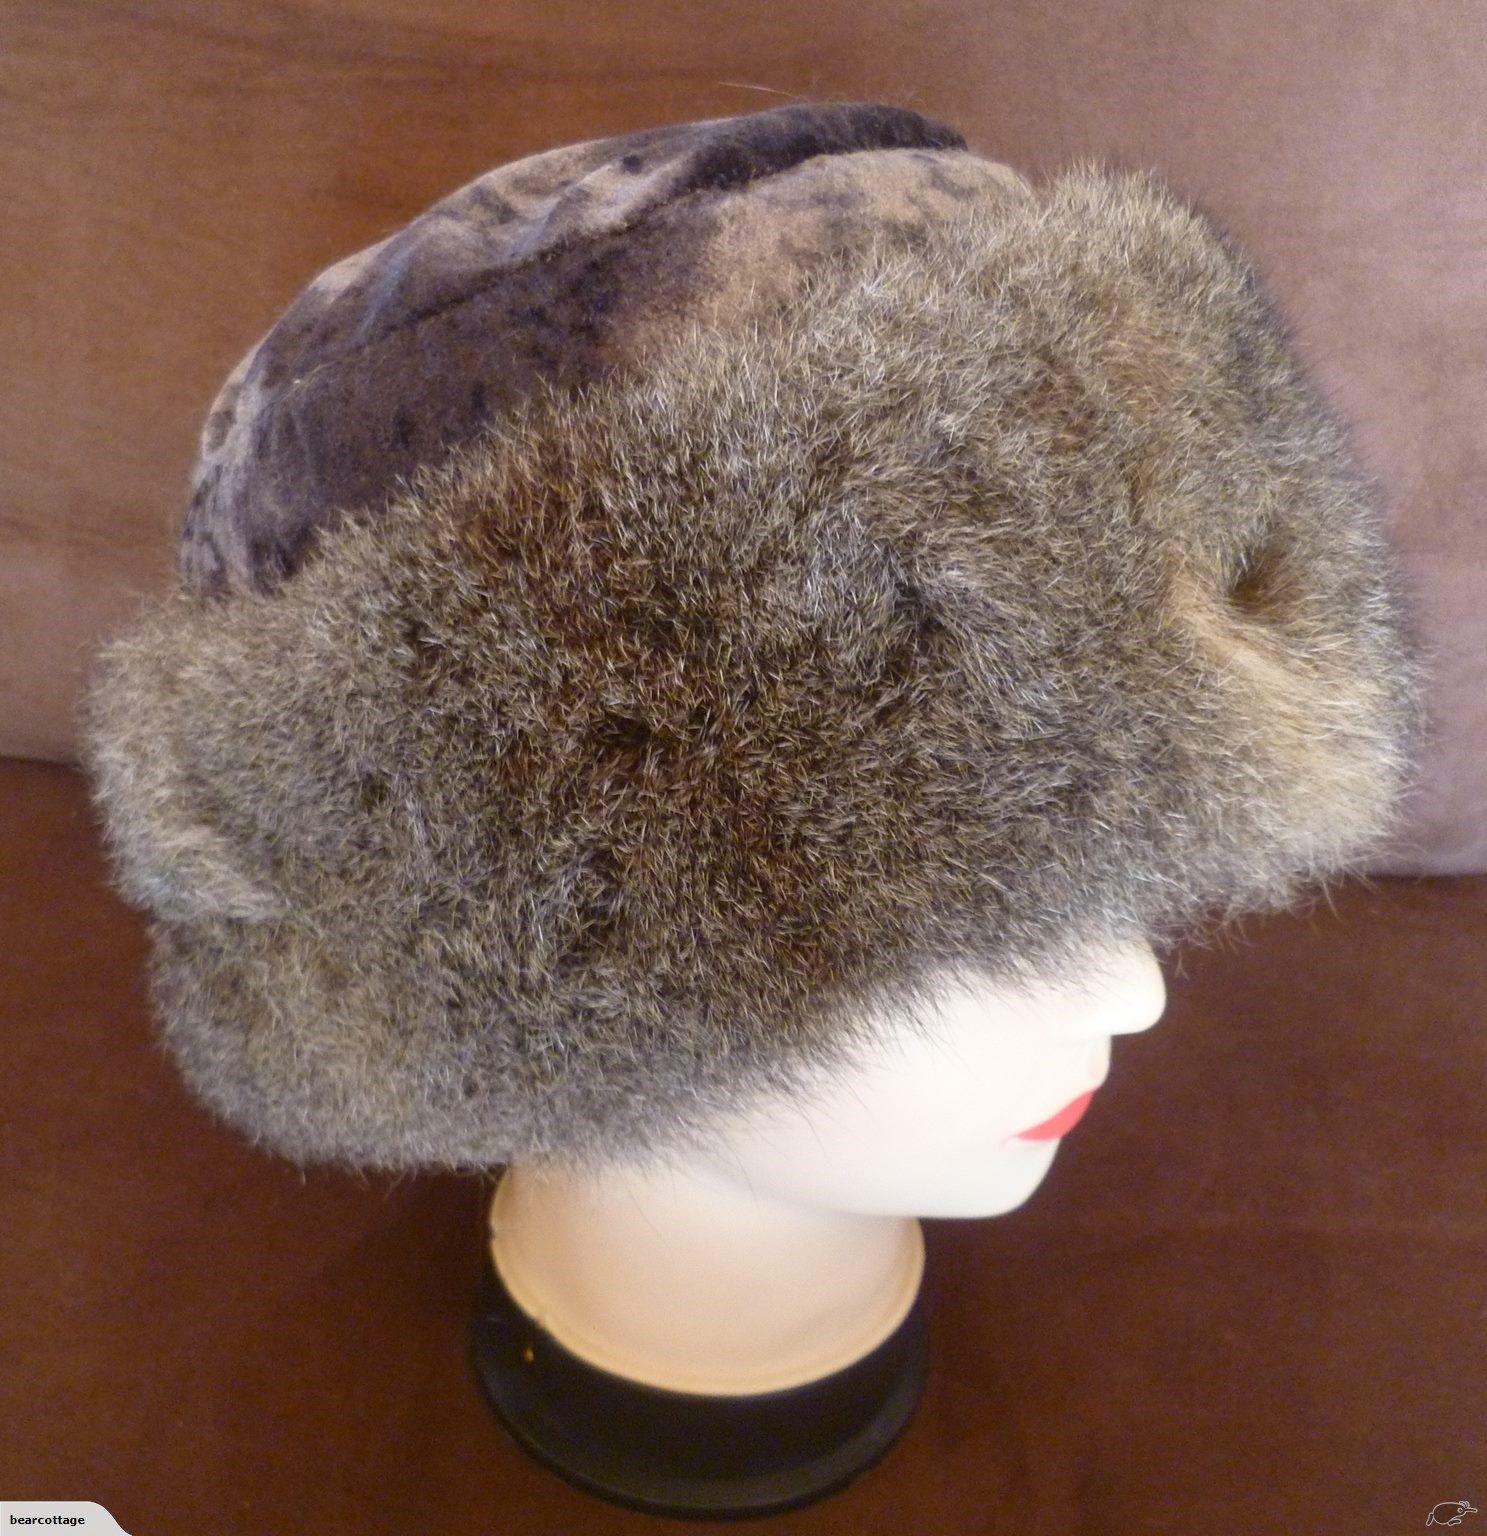 c210ccfc078 Pillbox Style Hat - Possum Fur Trim - Natural